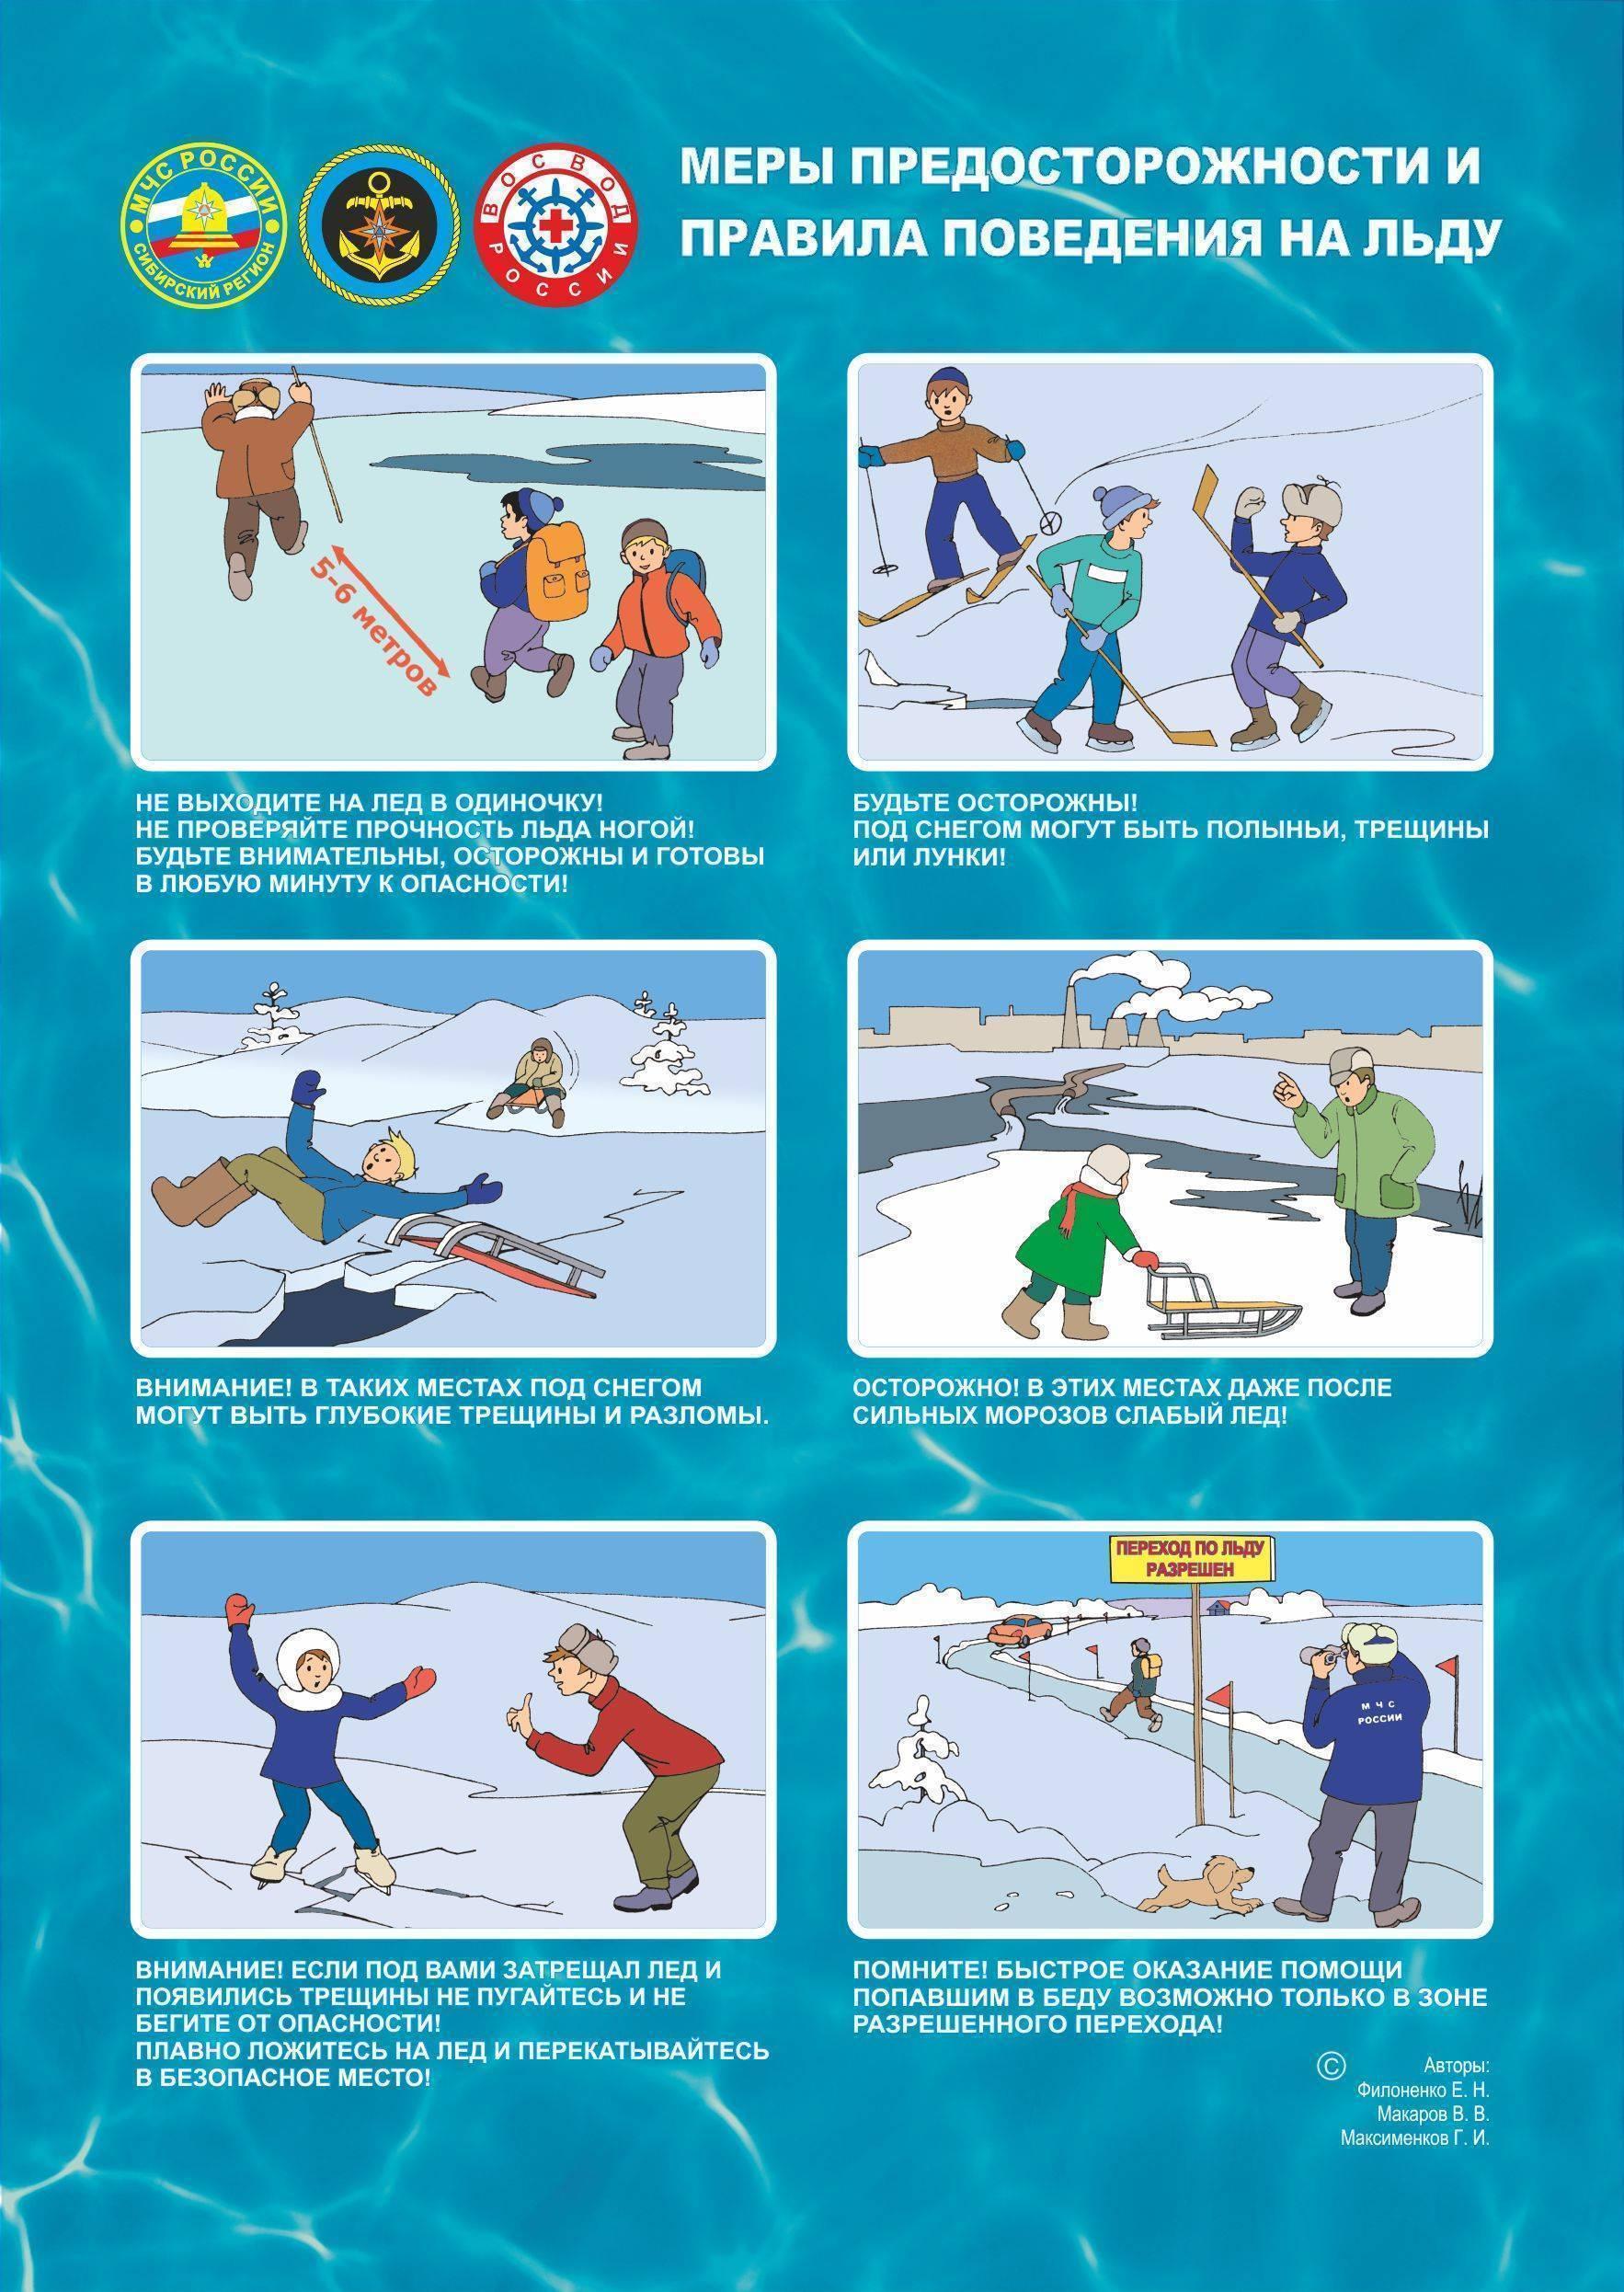 Конспект по безопасности «будь осторожен на льду». воспитателям детских садов, школьным учителям и педагогам - маам.ру